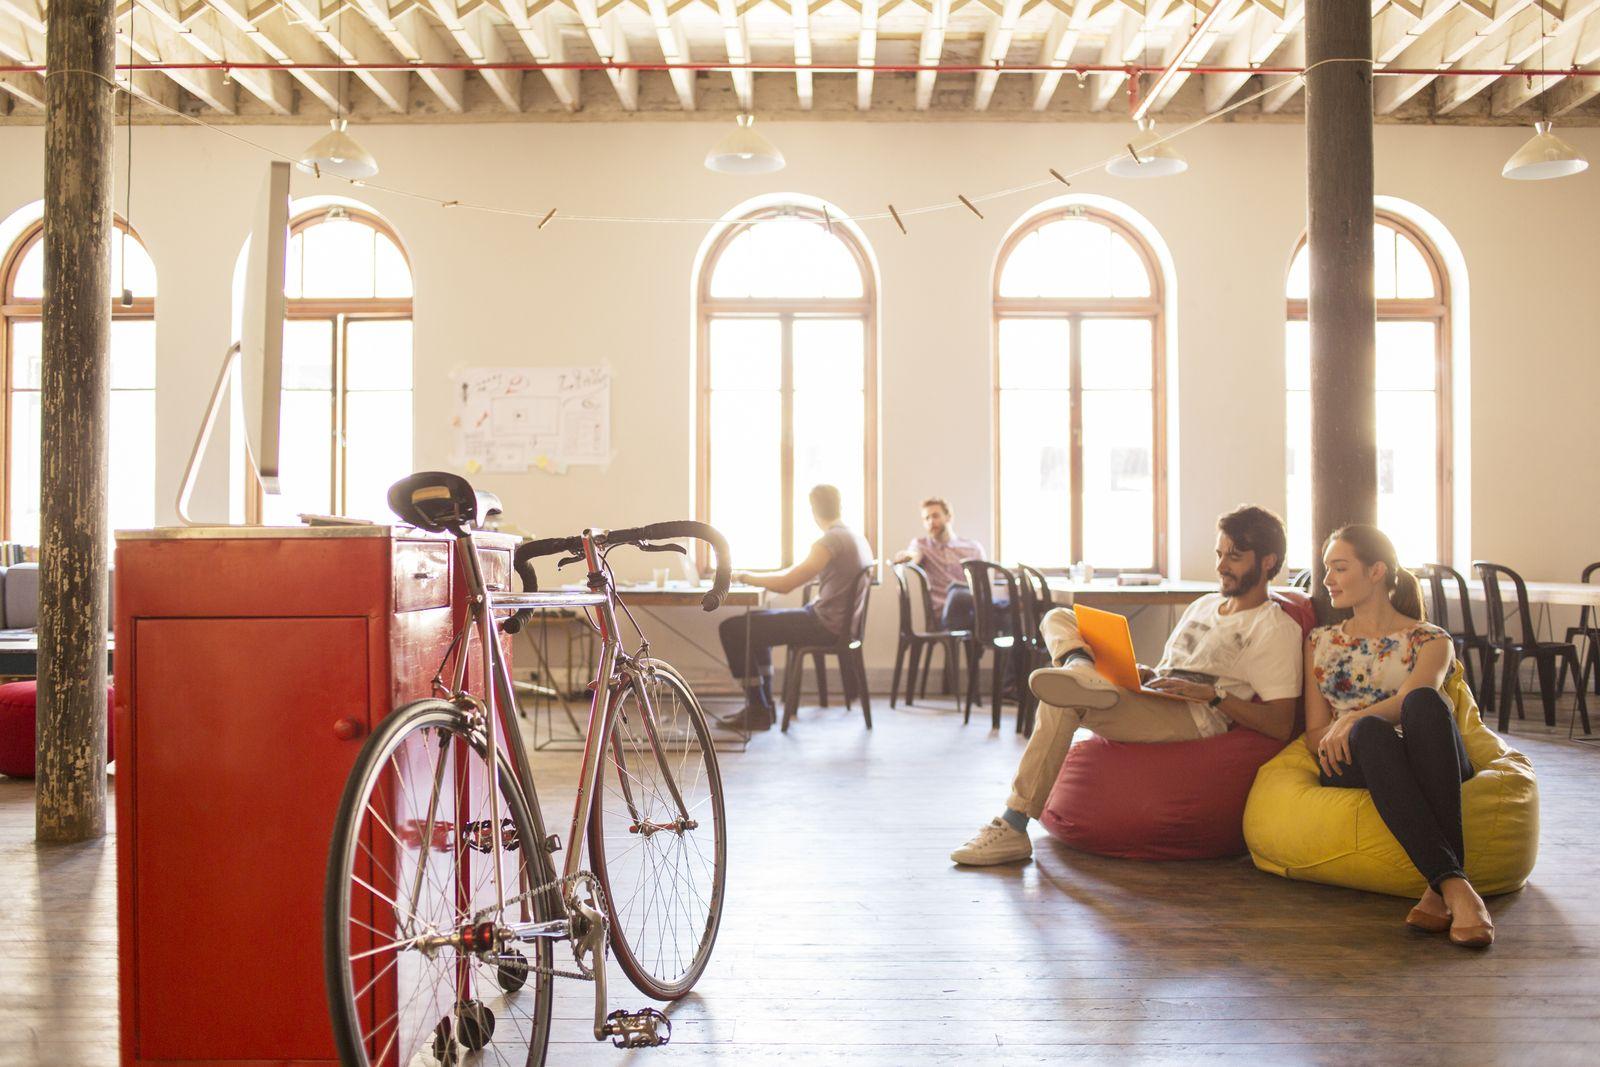 EINMALIGE VERWENDUNG Arbeit/ Coworking space/ Startup/ Freizeit